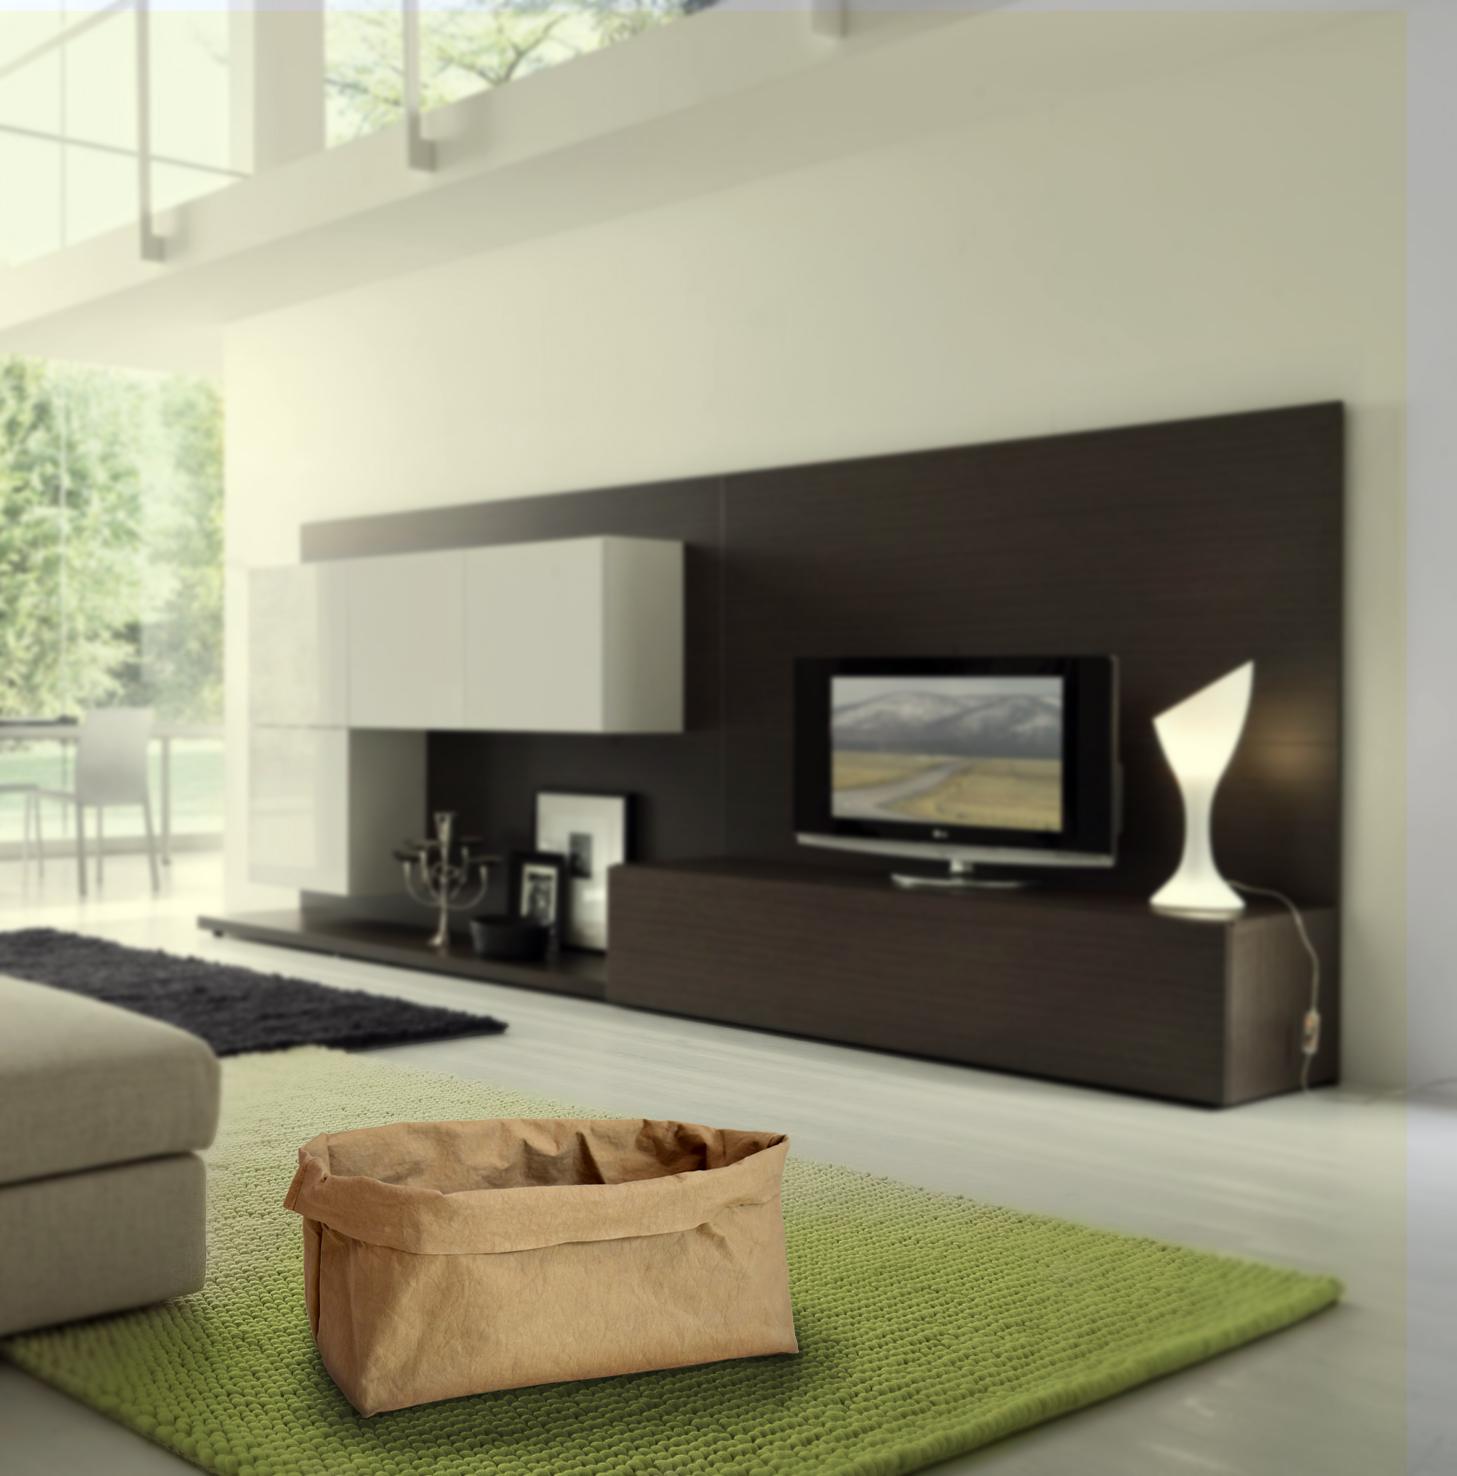 Cucce Design Per Cani cuccia eco fool bed per cani e gatti linea beautifool pet